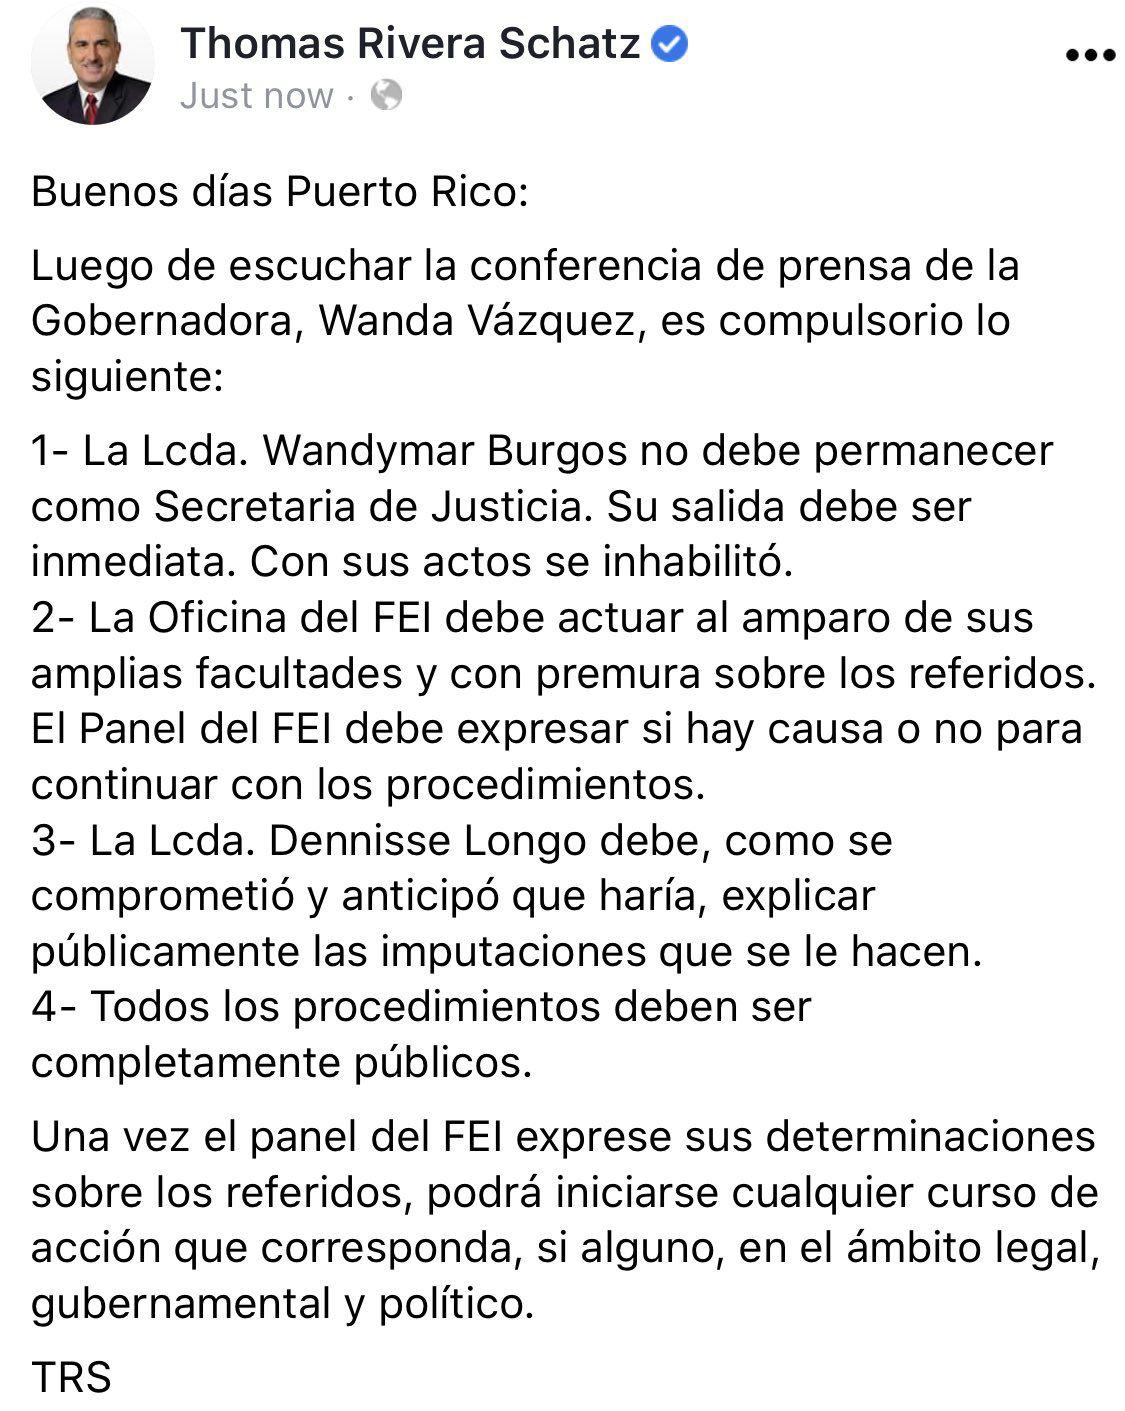 Thomas Rivera Schatz - pide salida de secretaria interina de Justicia - julio 7 2020